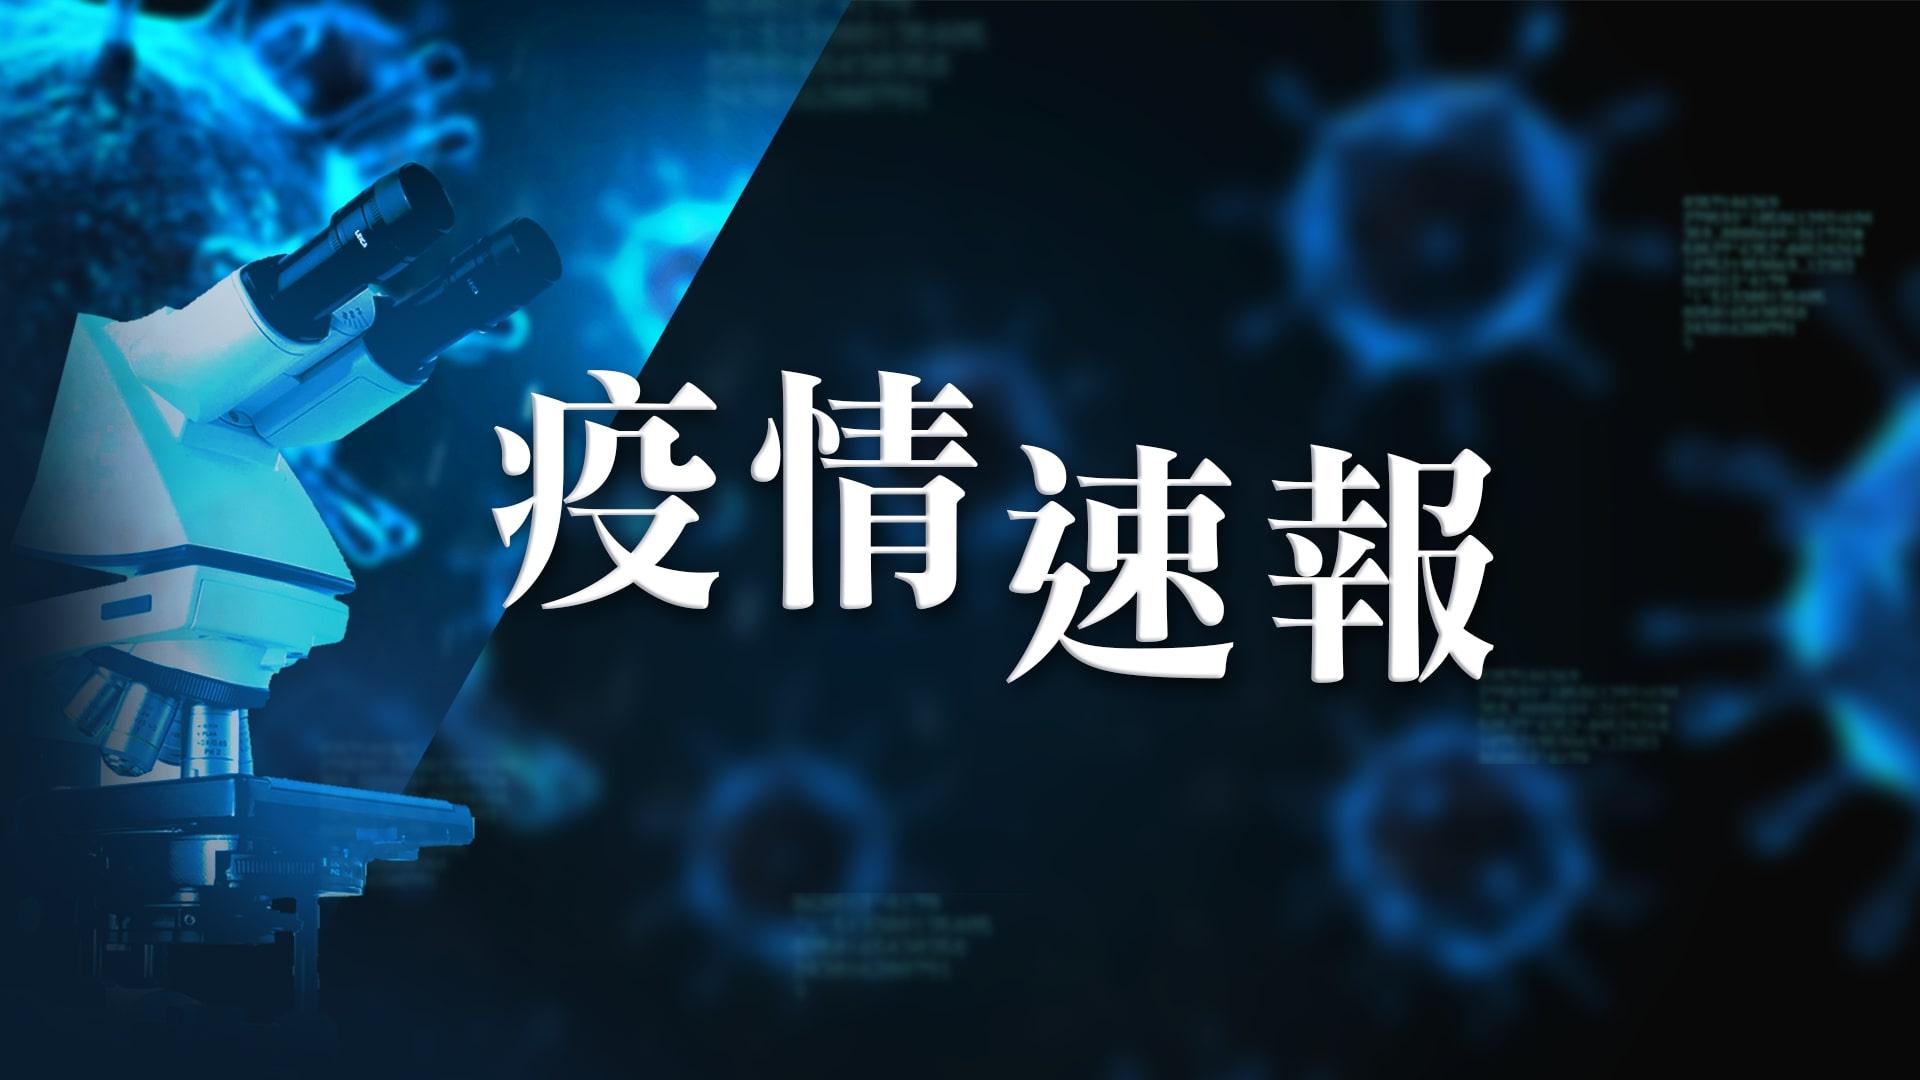 【2月5日疫情速報】(23:00)